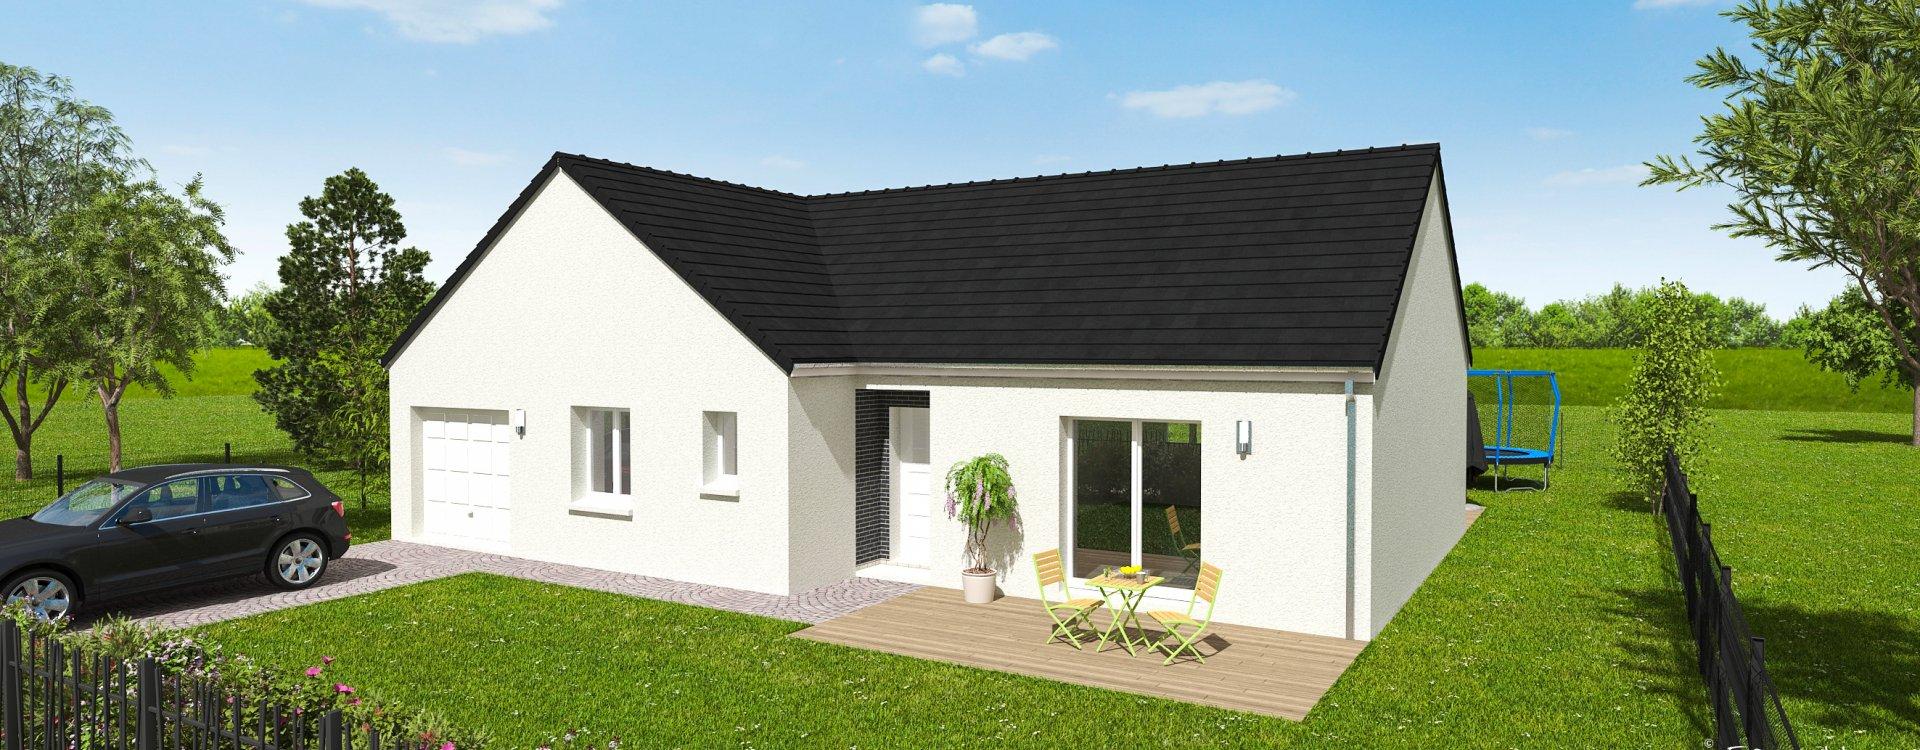 Maisons + Terrains du constructeur EASY HOUSE • 101 m² • GIDY